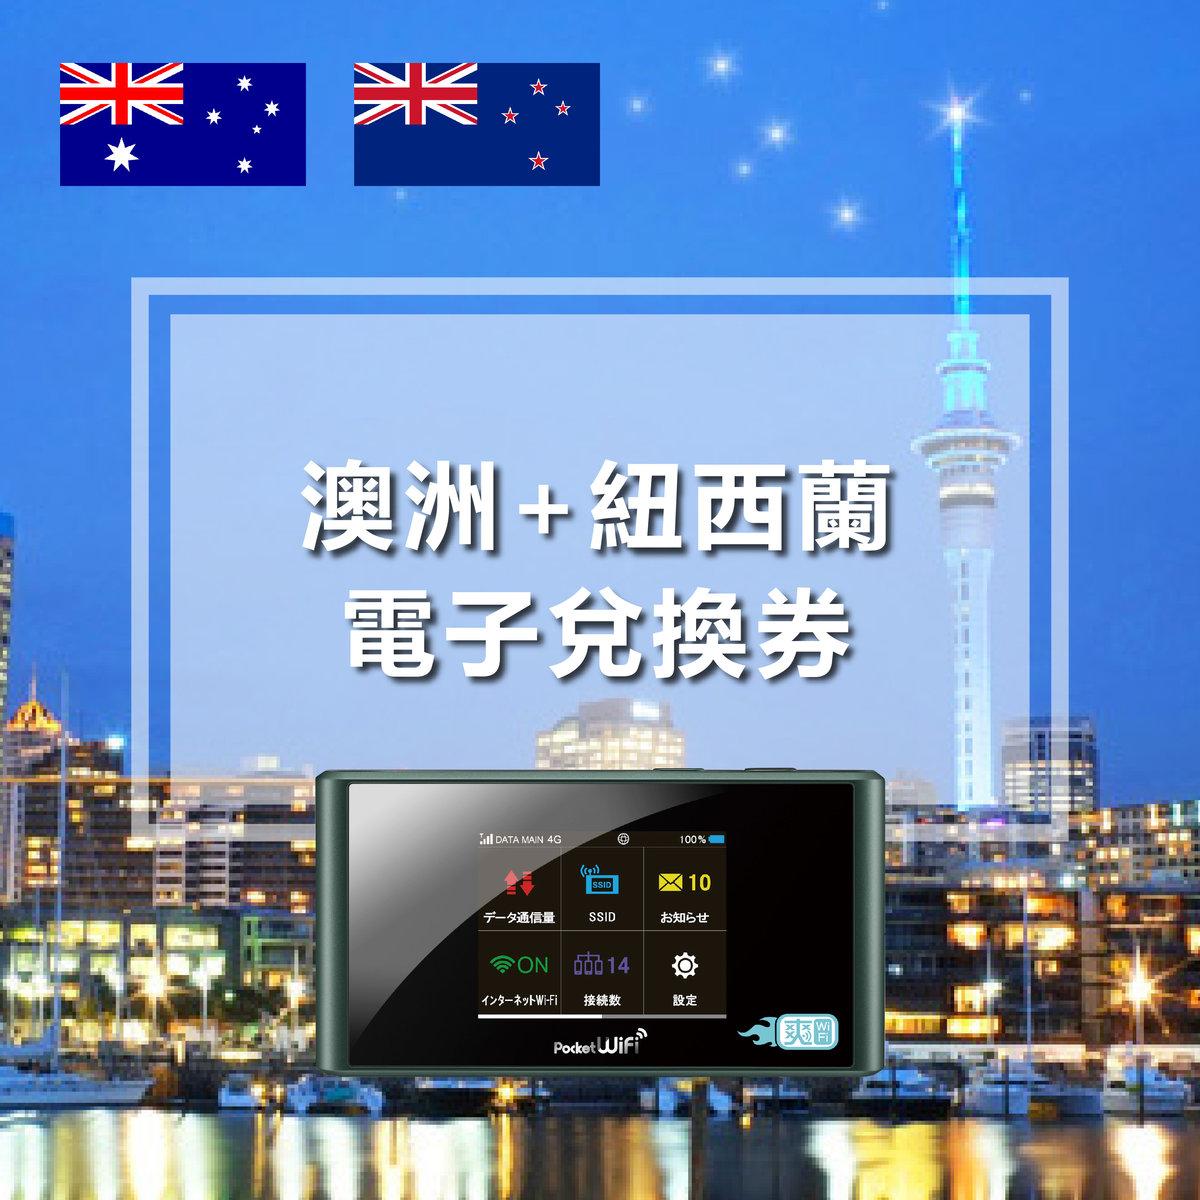 澳洲+紐西蘭(不限速)電子兌換券